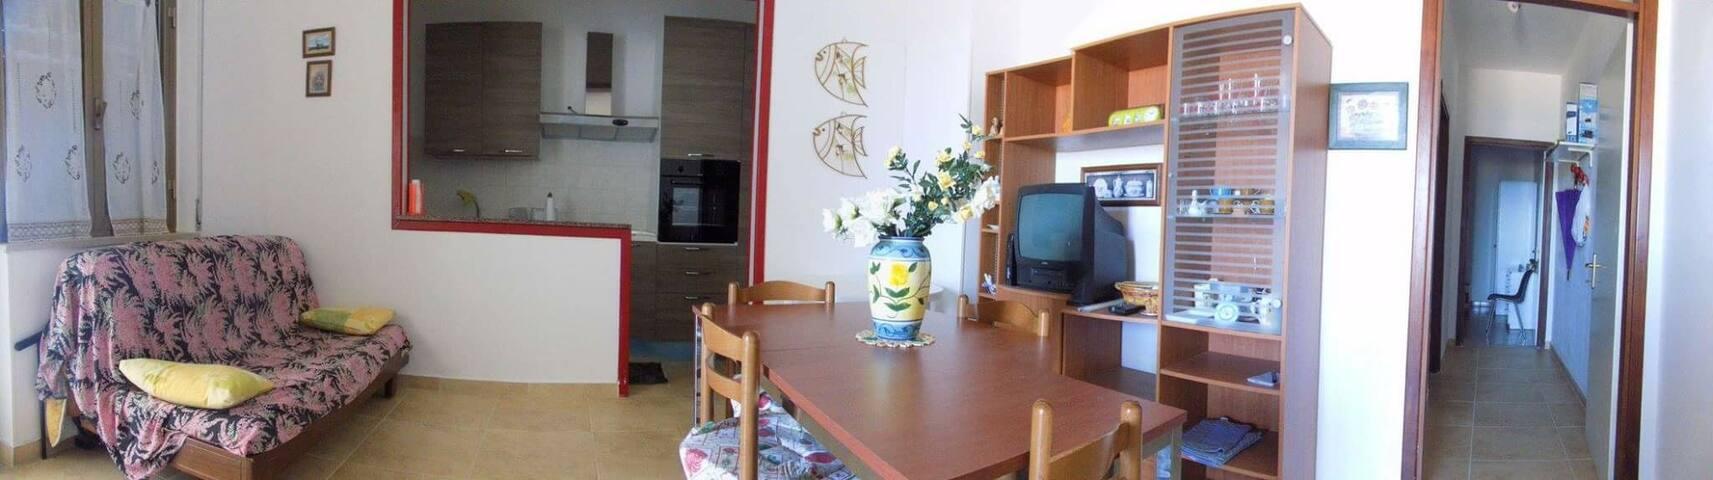 Appartamento sul mare - Marina di Strongoli